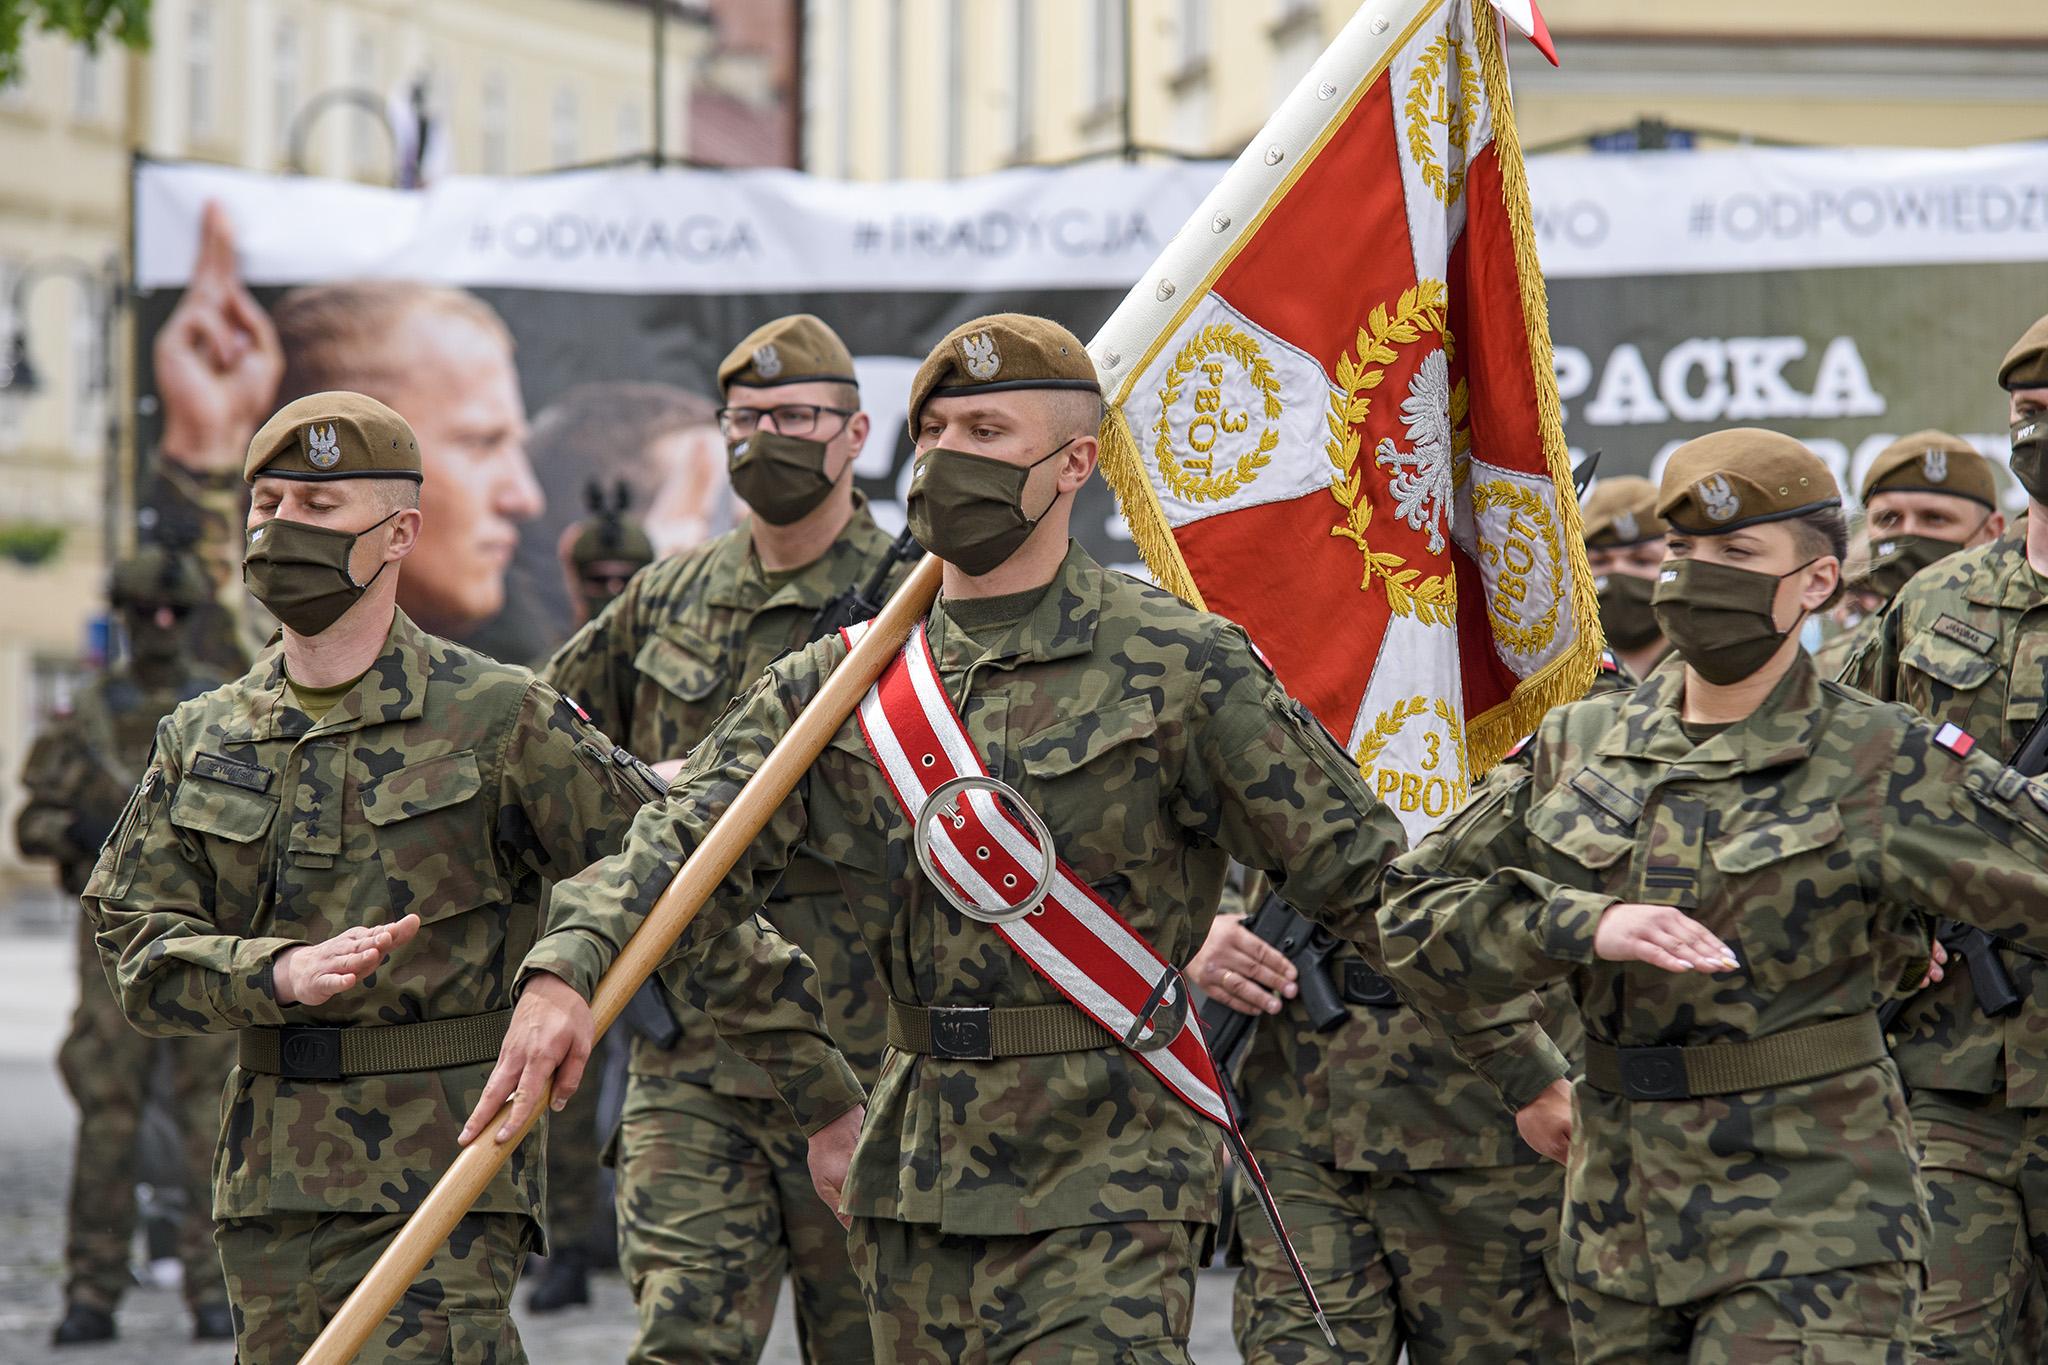 DSC_3937_RZESZOW_NEWS_SEBASTIAN_STANKIEWICZ